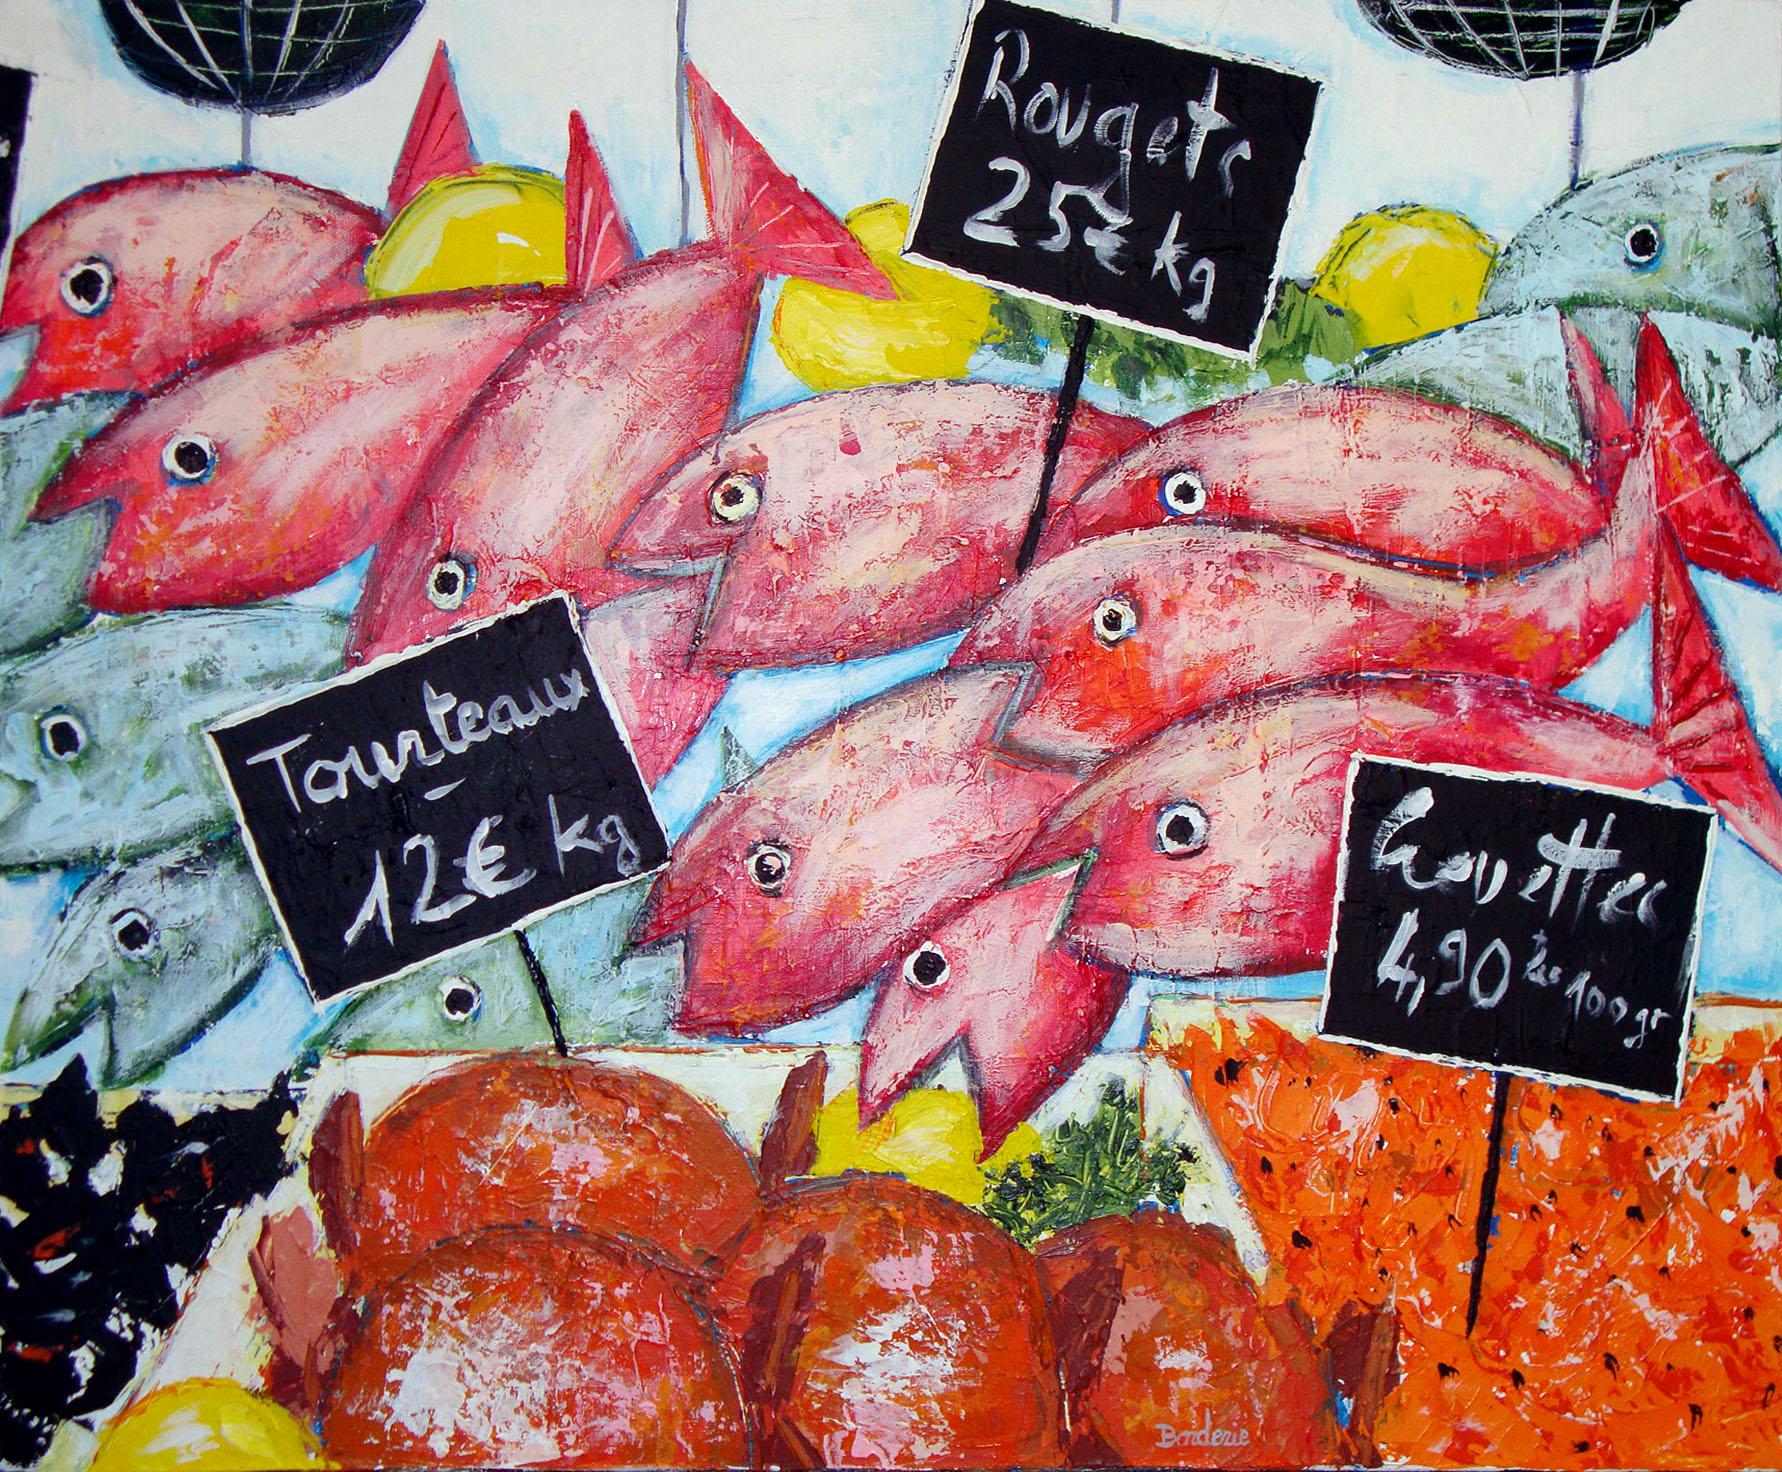 Etal de poissons